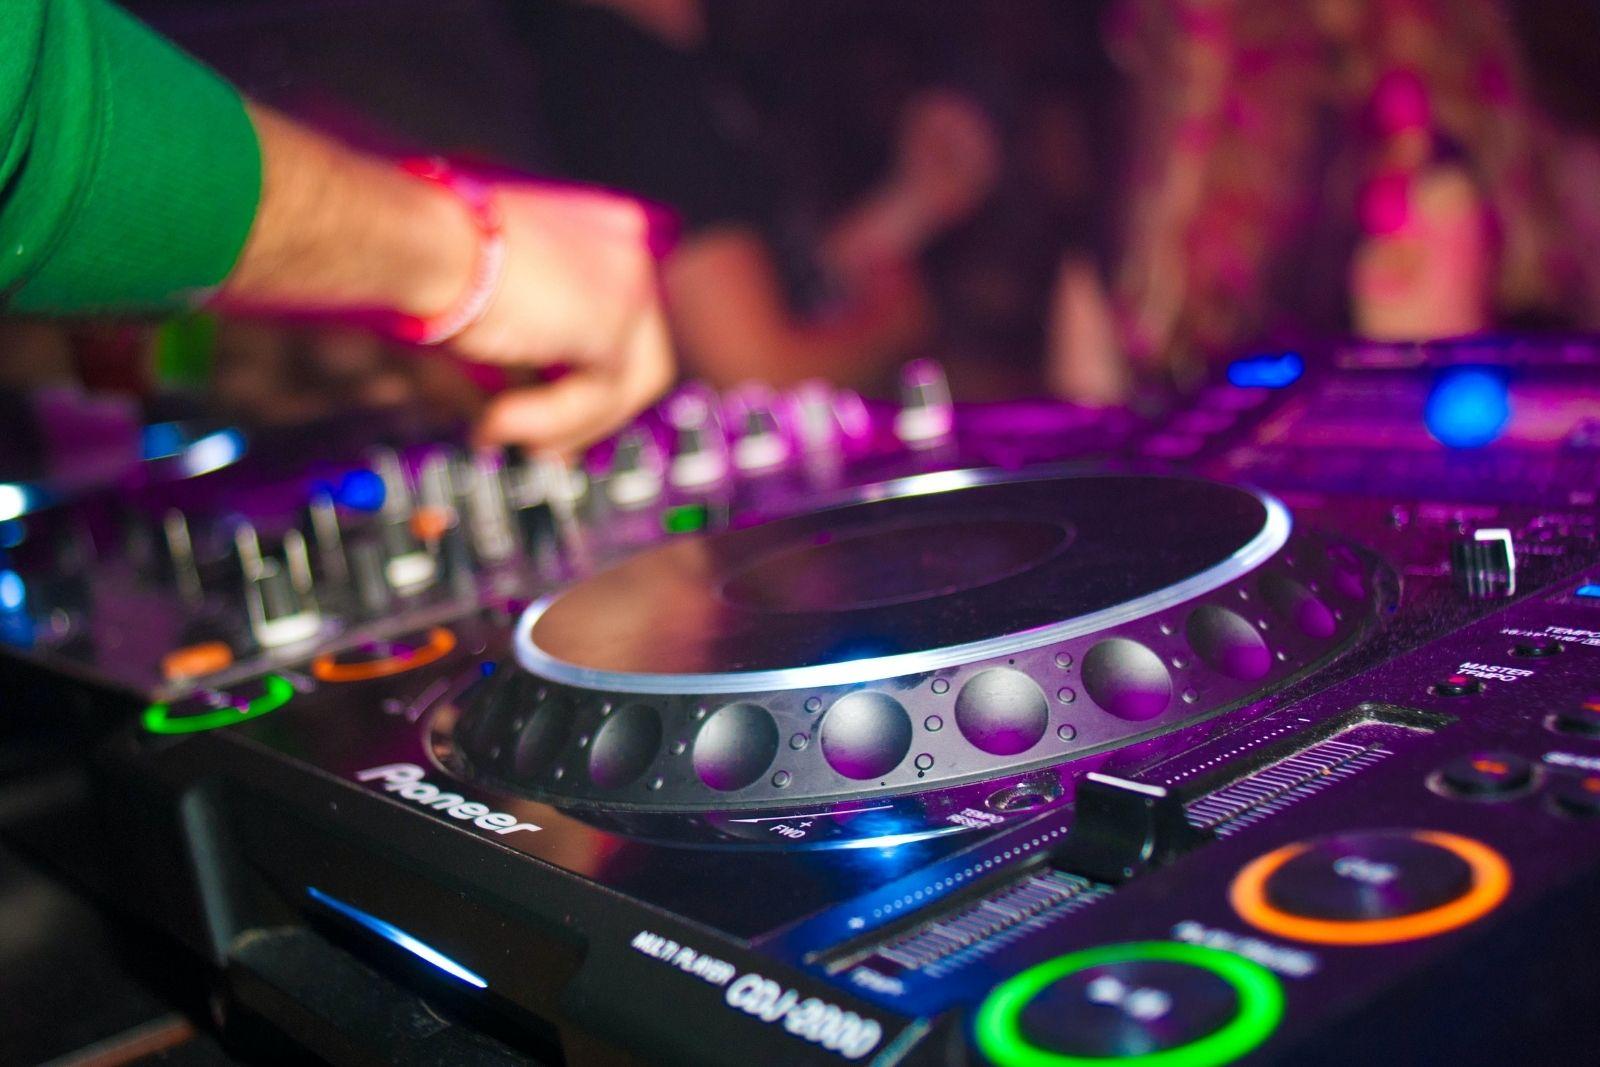 Bruiloft DJ huren groot